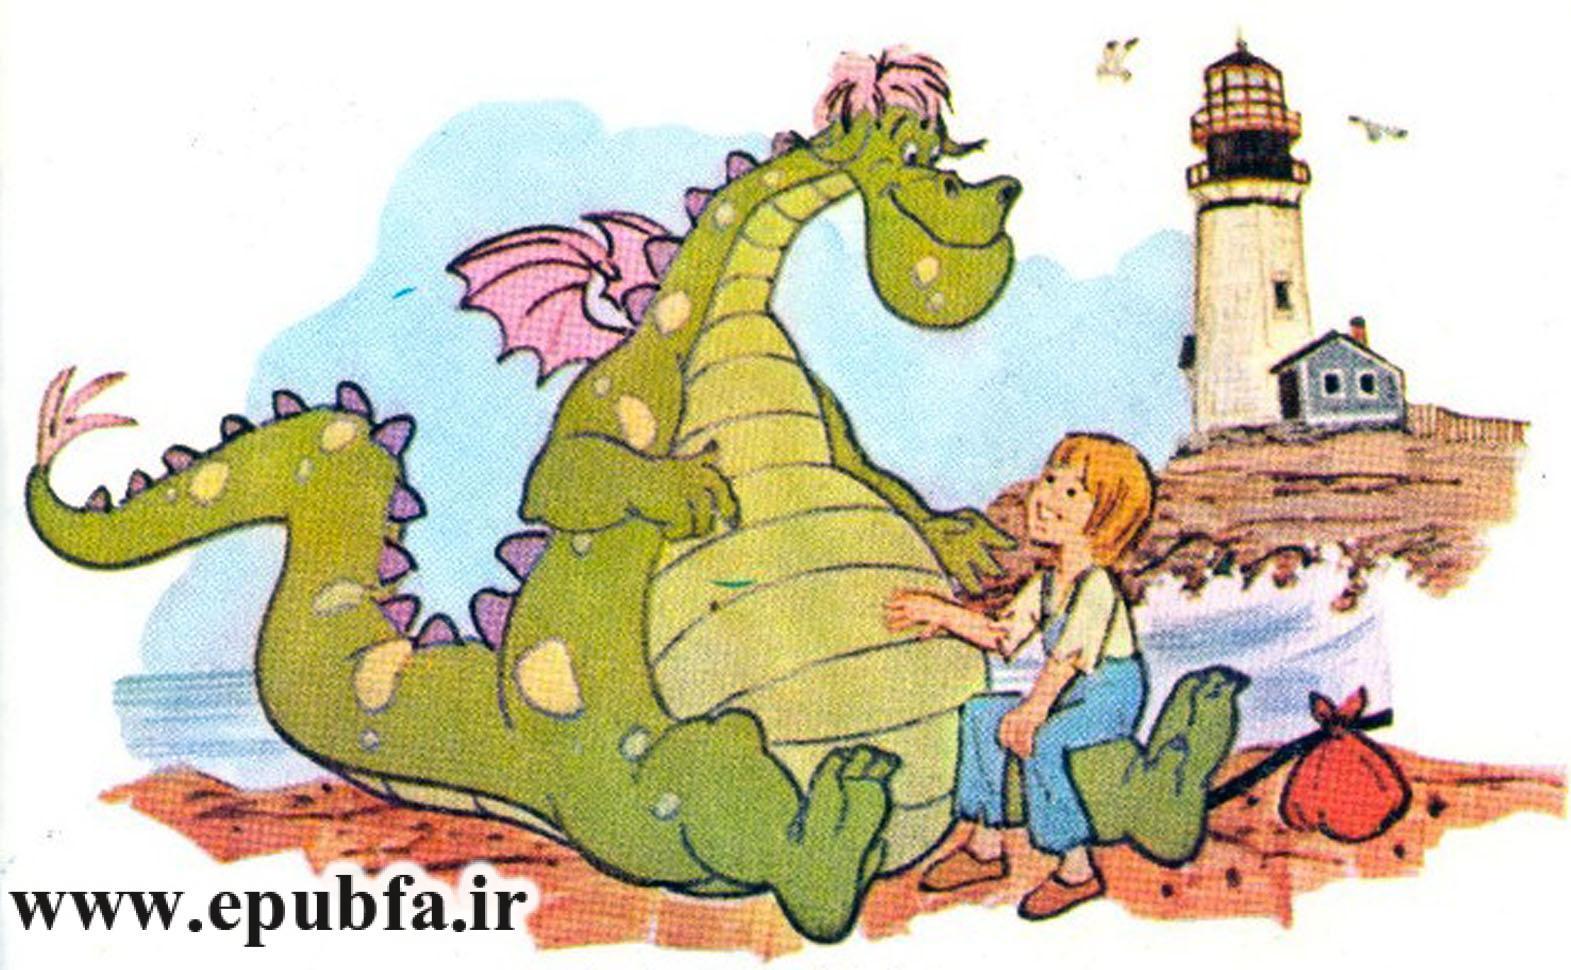 کتاب داستان قدیمی مصور اژدهای پیت برای کودکان ایپابفا (9).jpg